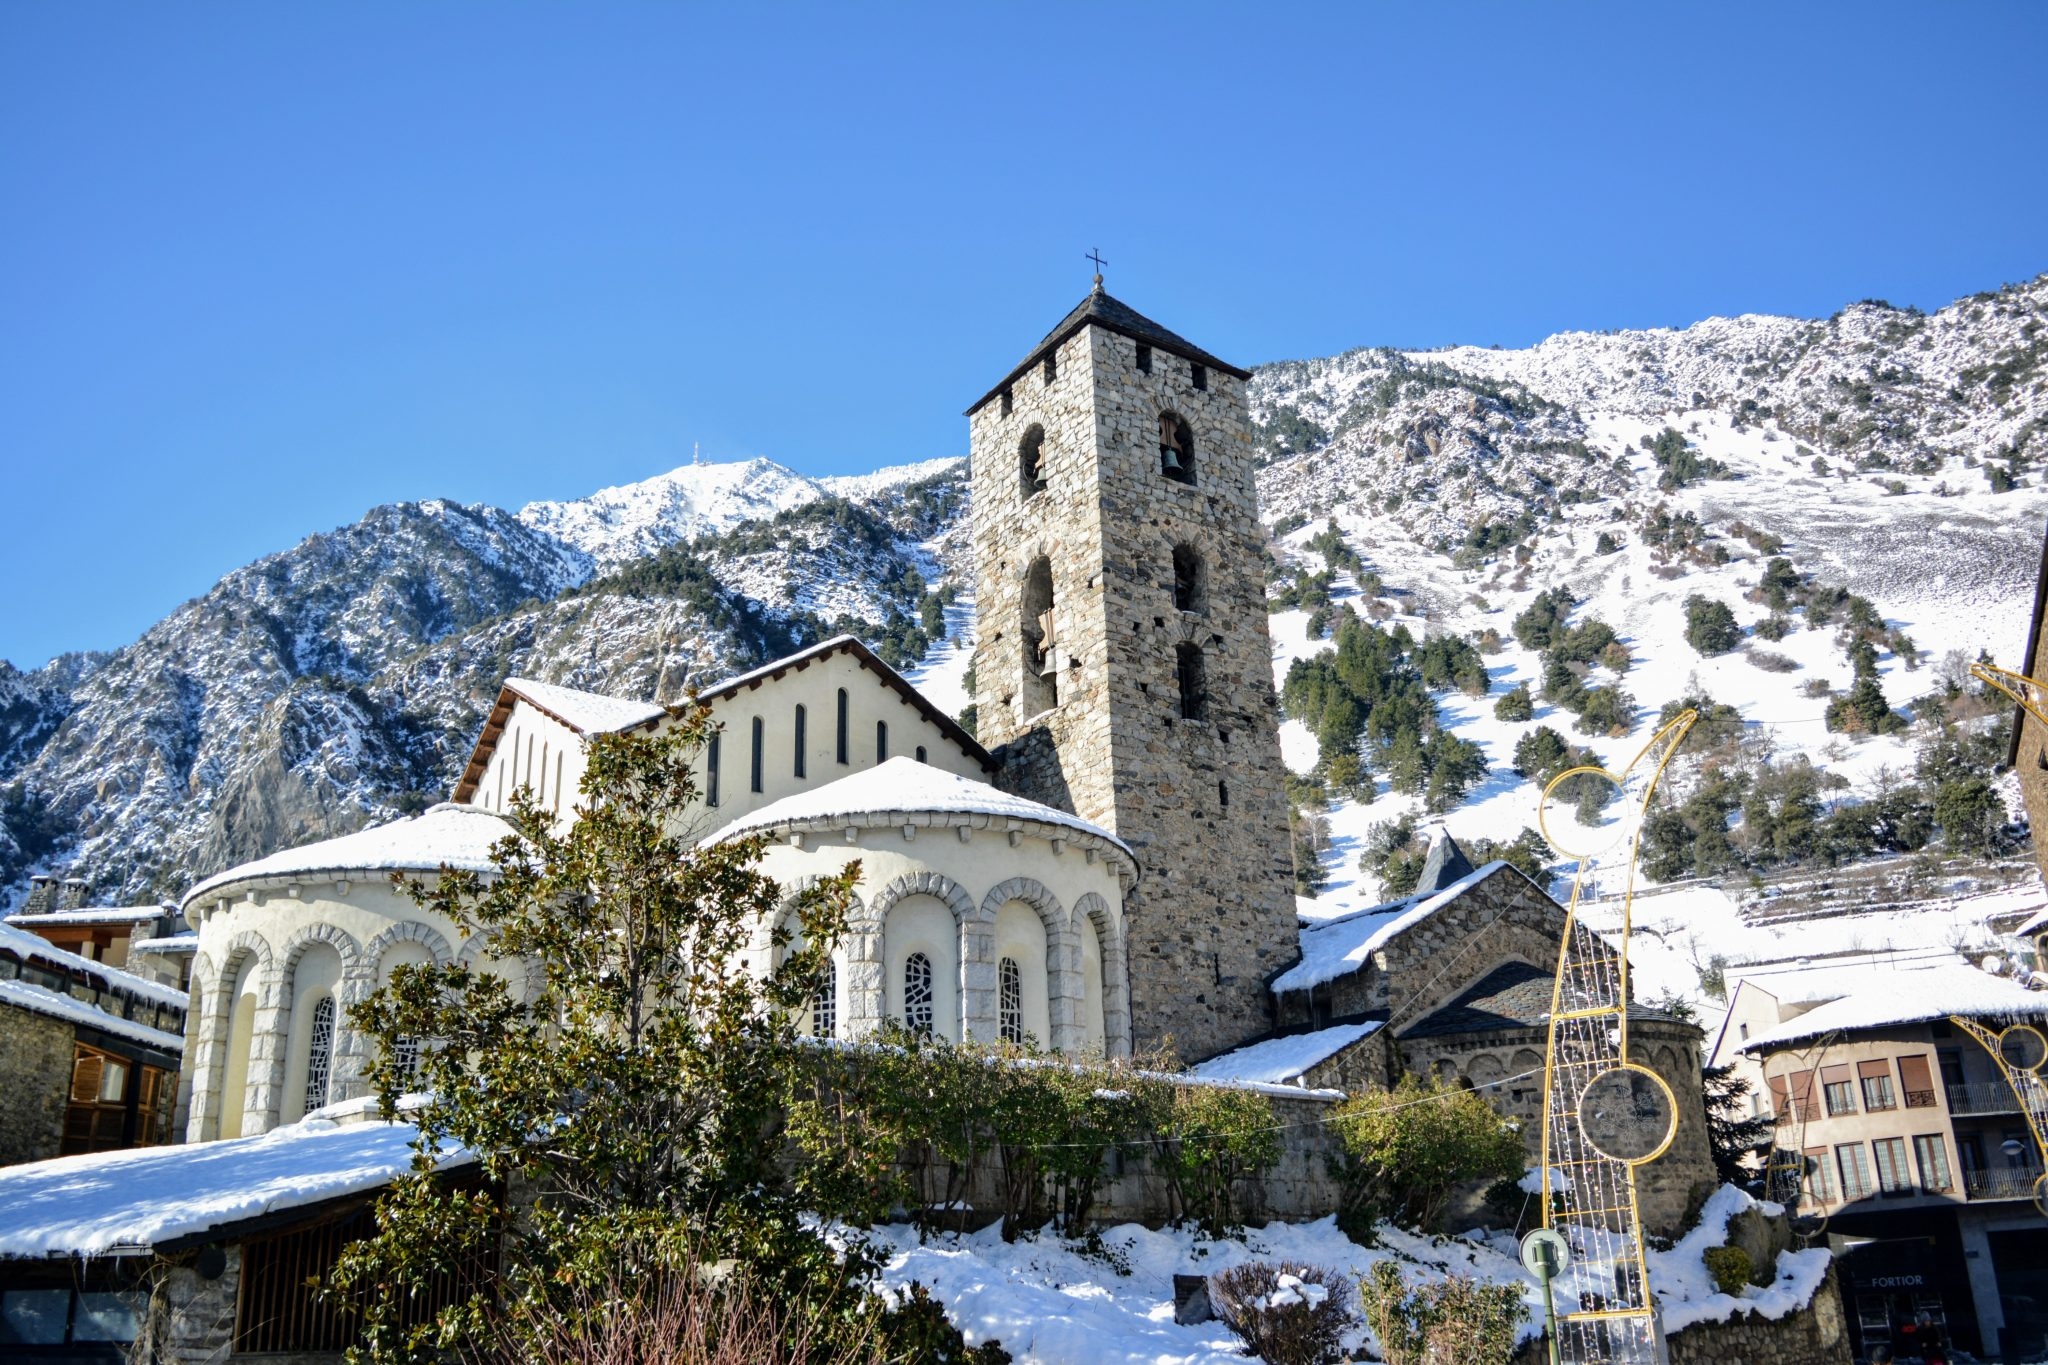 Церковь Св. Арменголя - одна из двух достопримечательностей Андорры. Andorra la vella